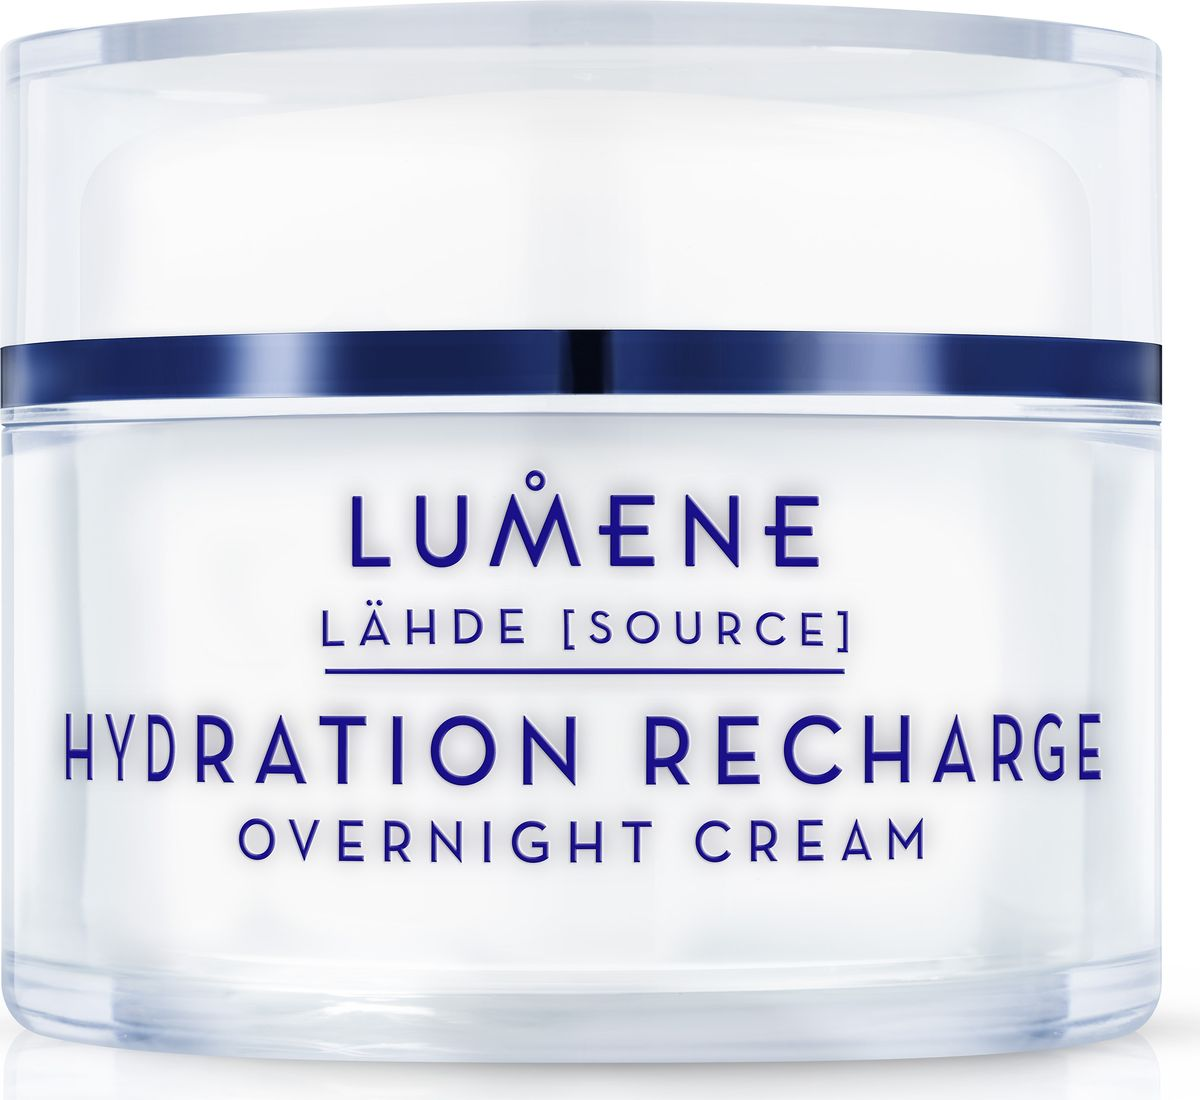 Lumene Lahde Ночной увлажняющий восстанавливающий крем, 50 млNL580-80320Помогает обеспечить эффективное питание кожи в течение ночи. Возвращает естественное сияние кожи, пока вы спите.